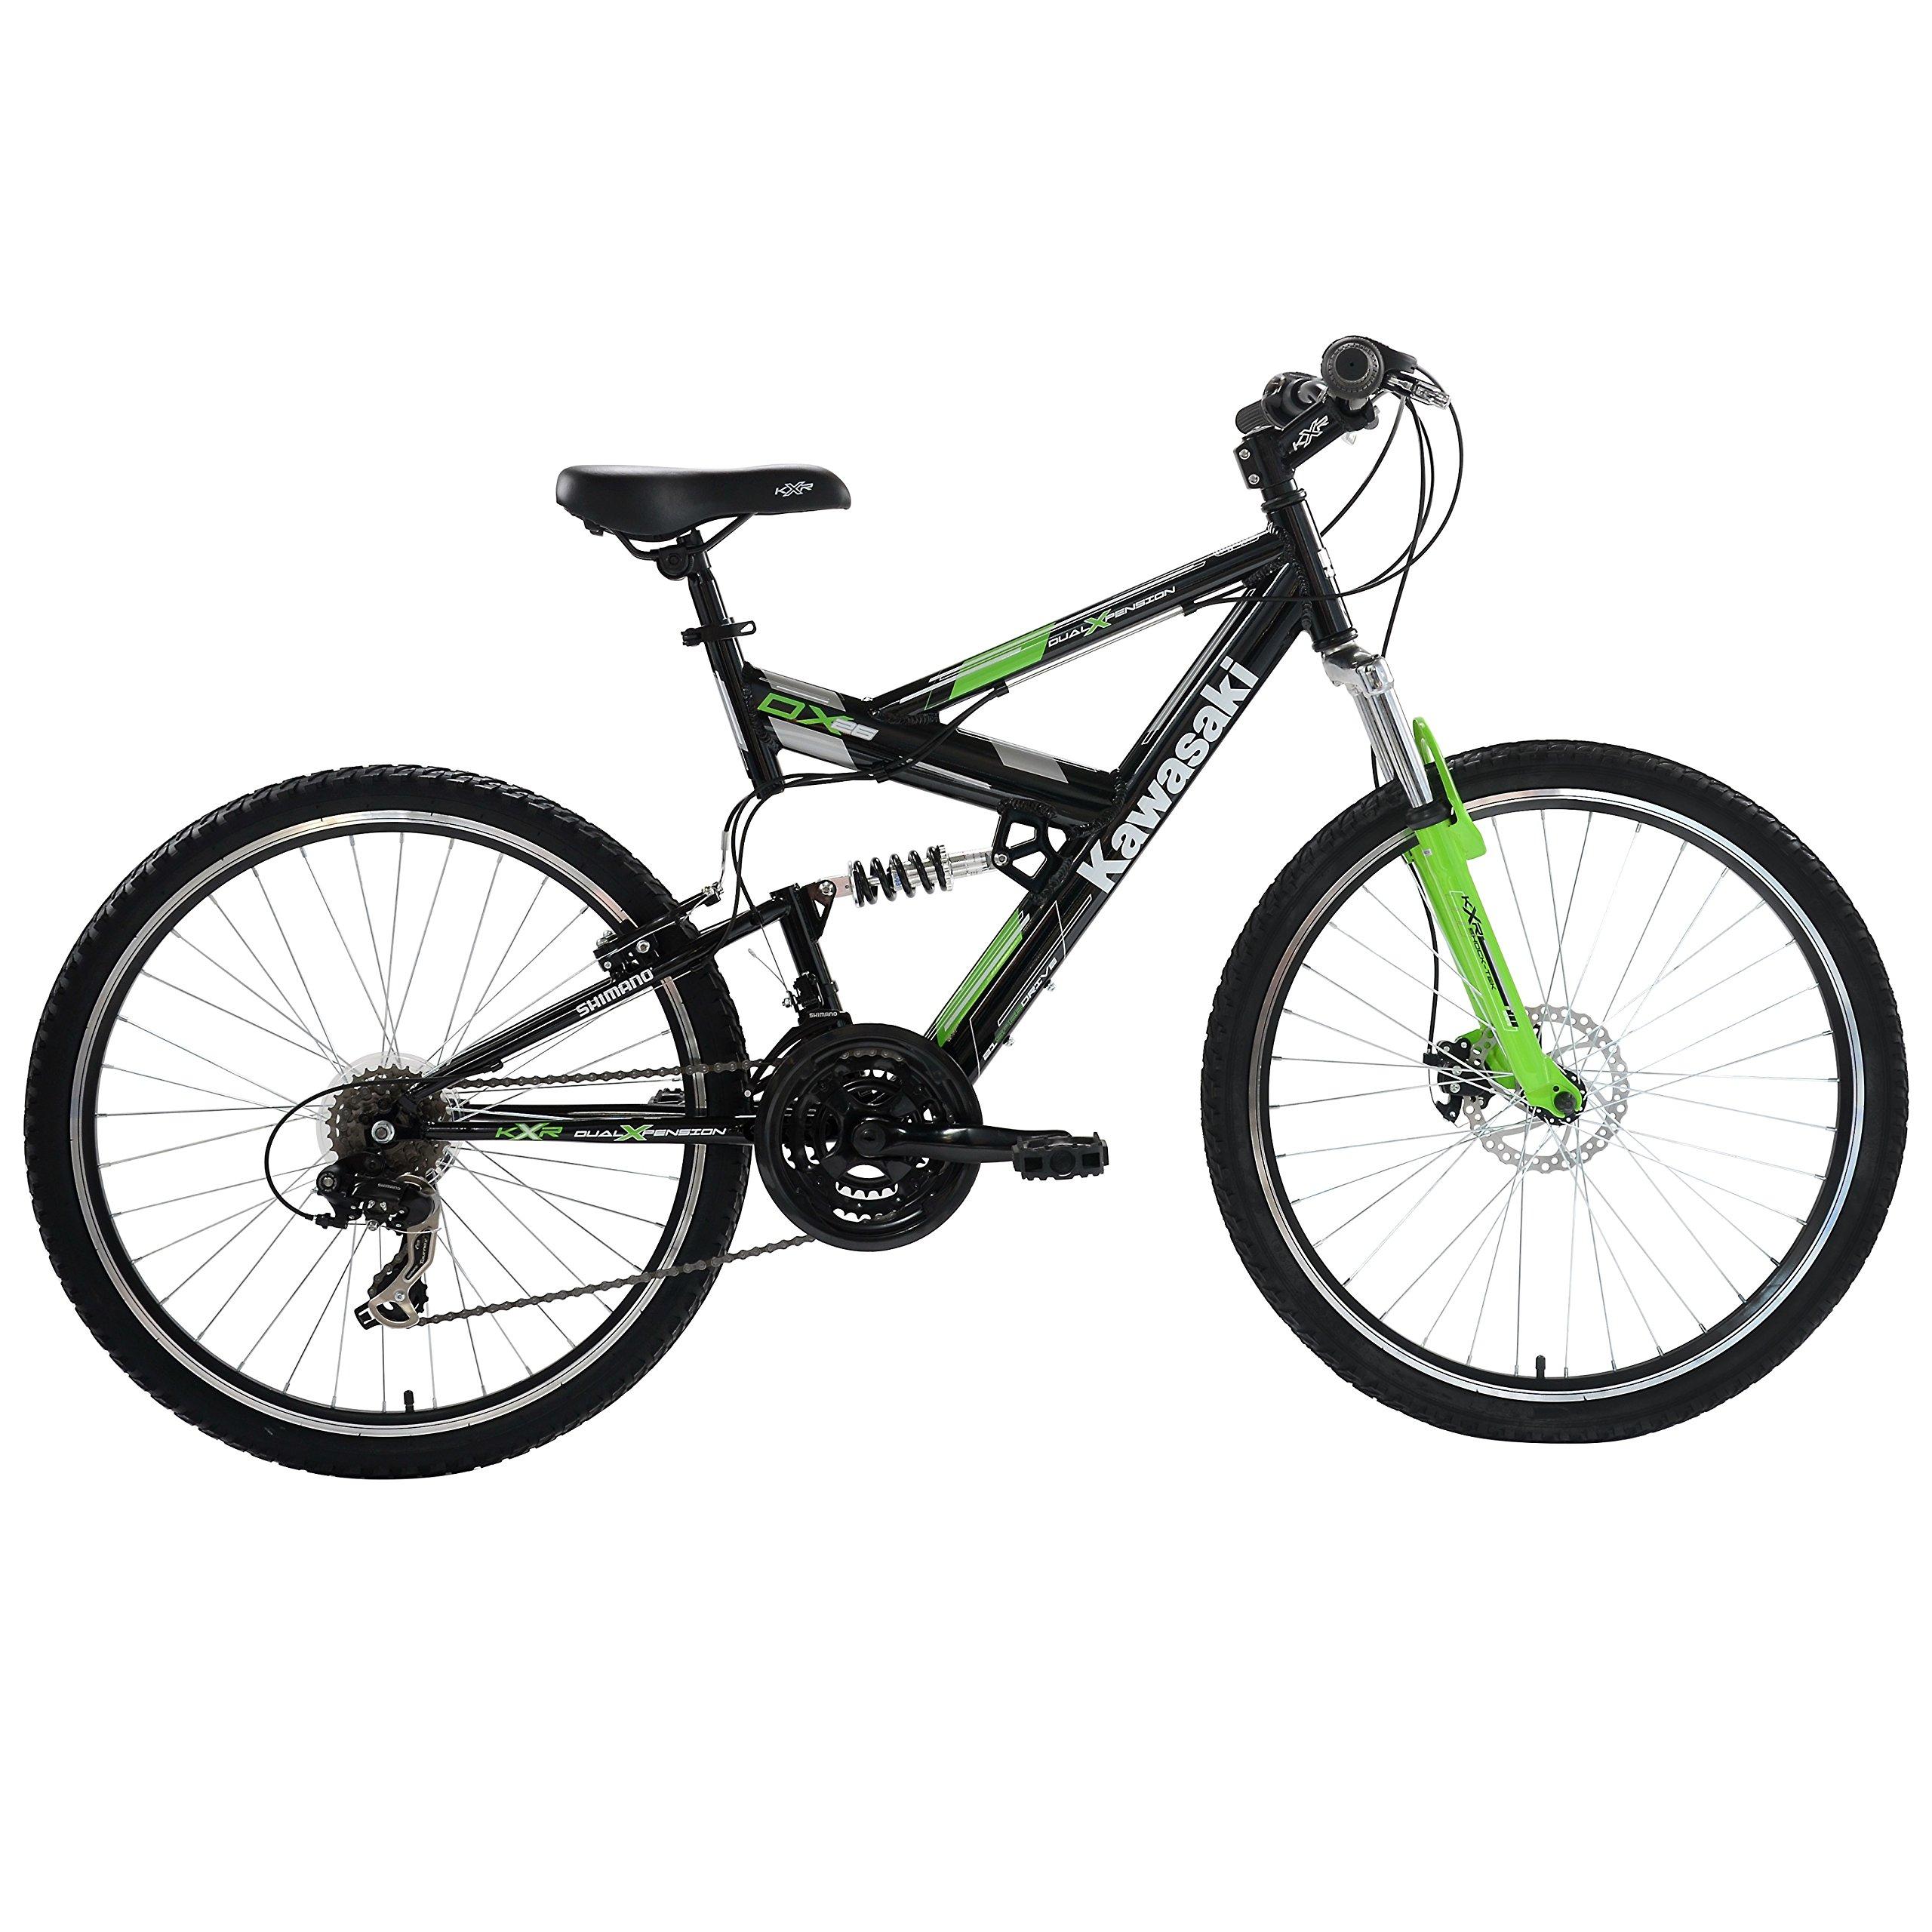 Kawasaki DX 26 Bicicleta de suspensión Completa: Amazon.es ...